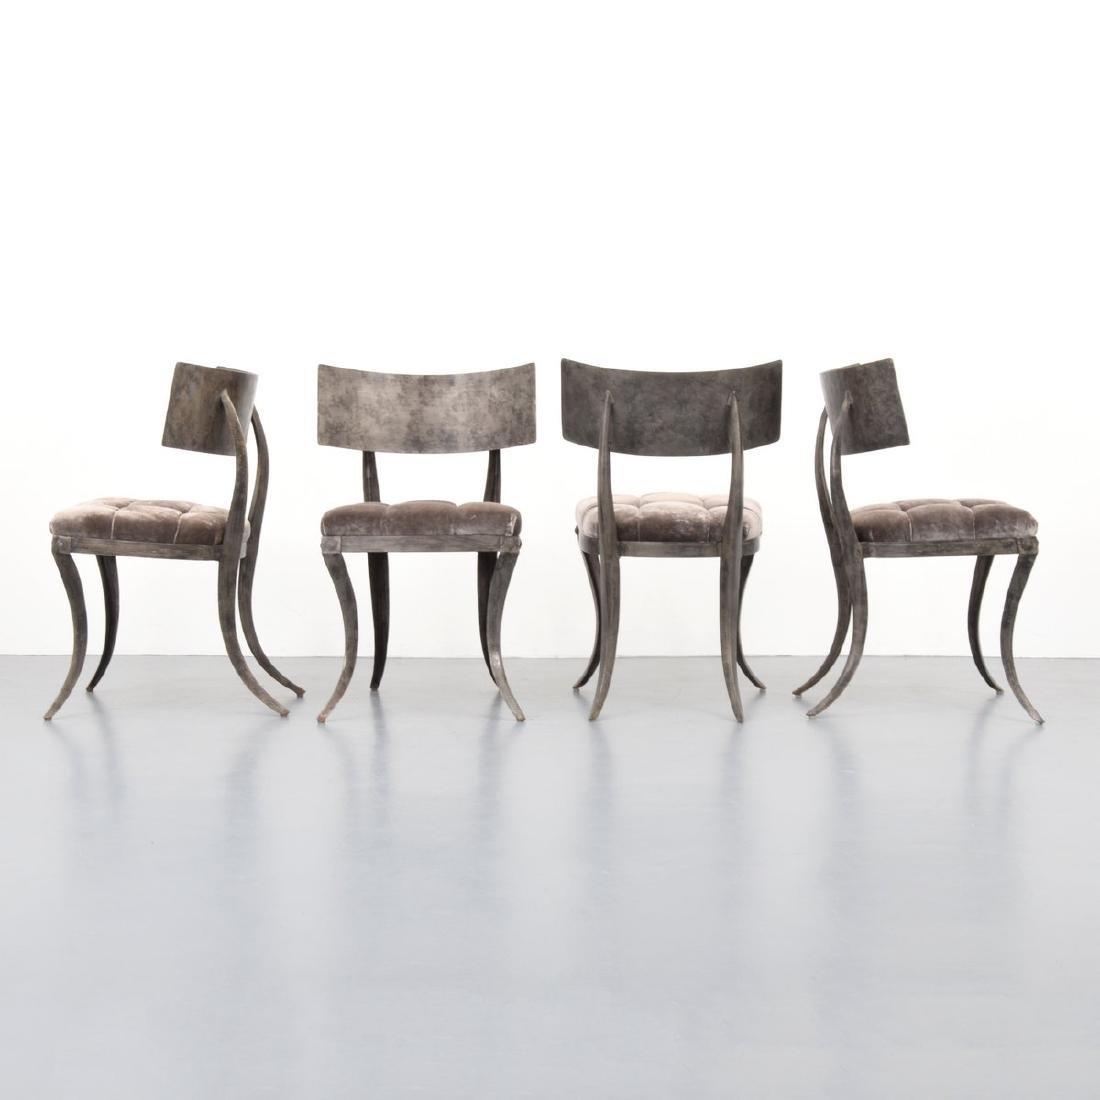 4 Klismos Chairs, Manner of T.H. Robsjohn-Gibbings - 2